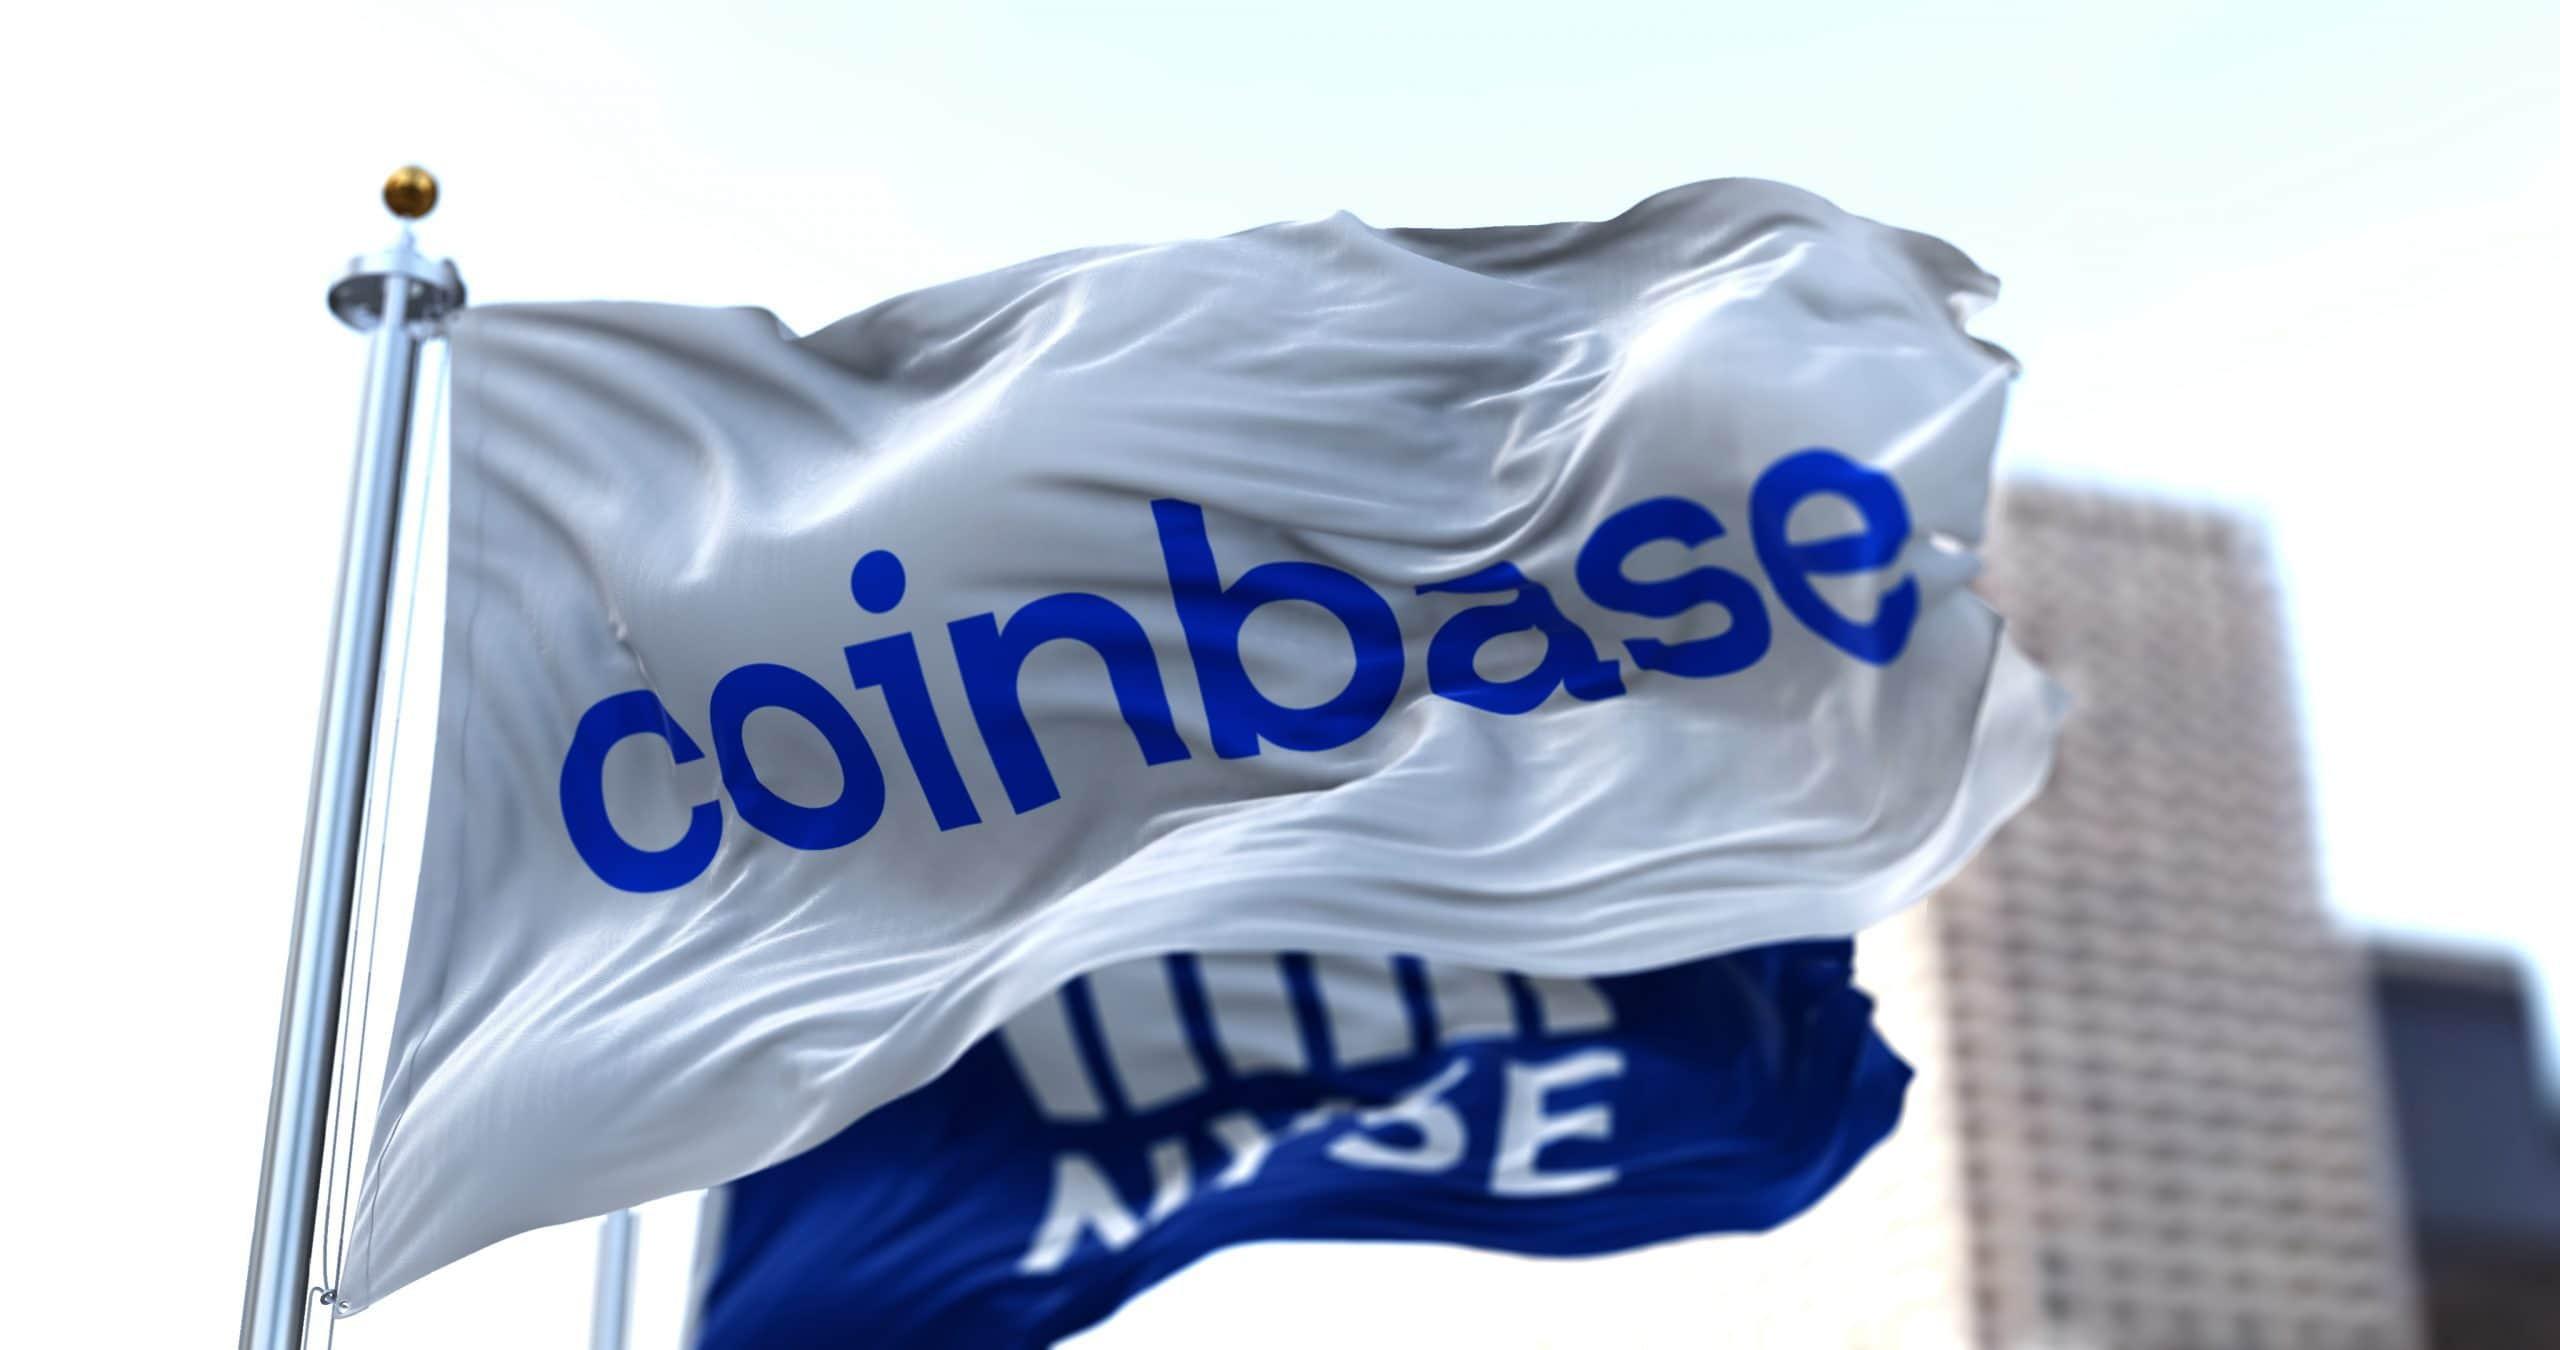 Coinbase: in den USA direkte Gehaltszahlung in Kryptowährung möglich